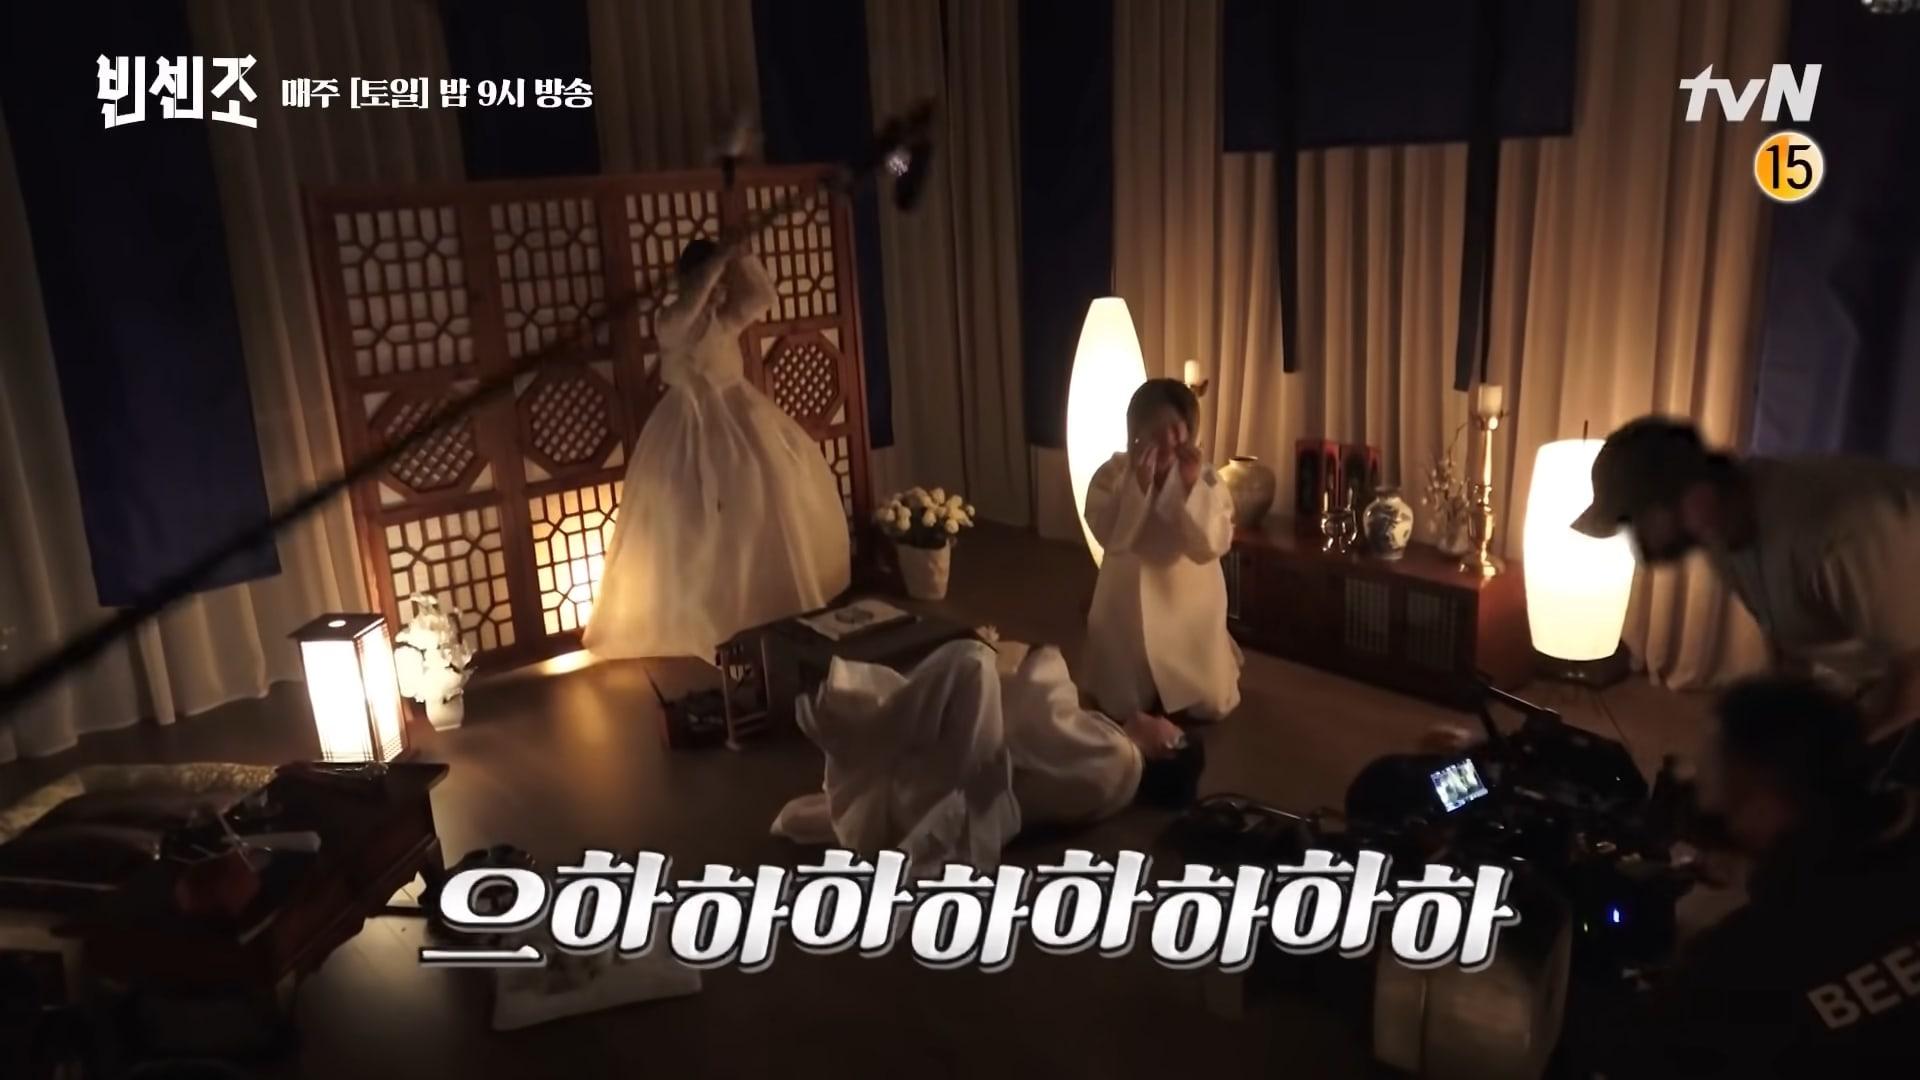 Jeon Yeo Bin Yoon Byung Hee Song Joong Ki